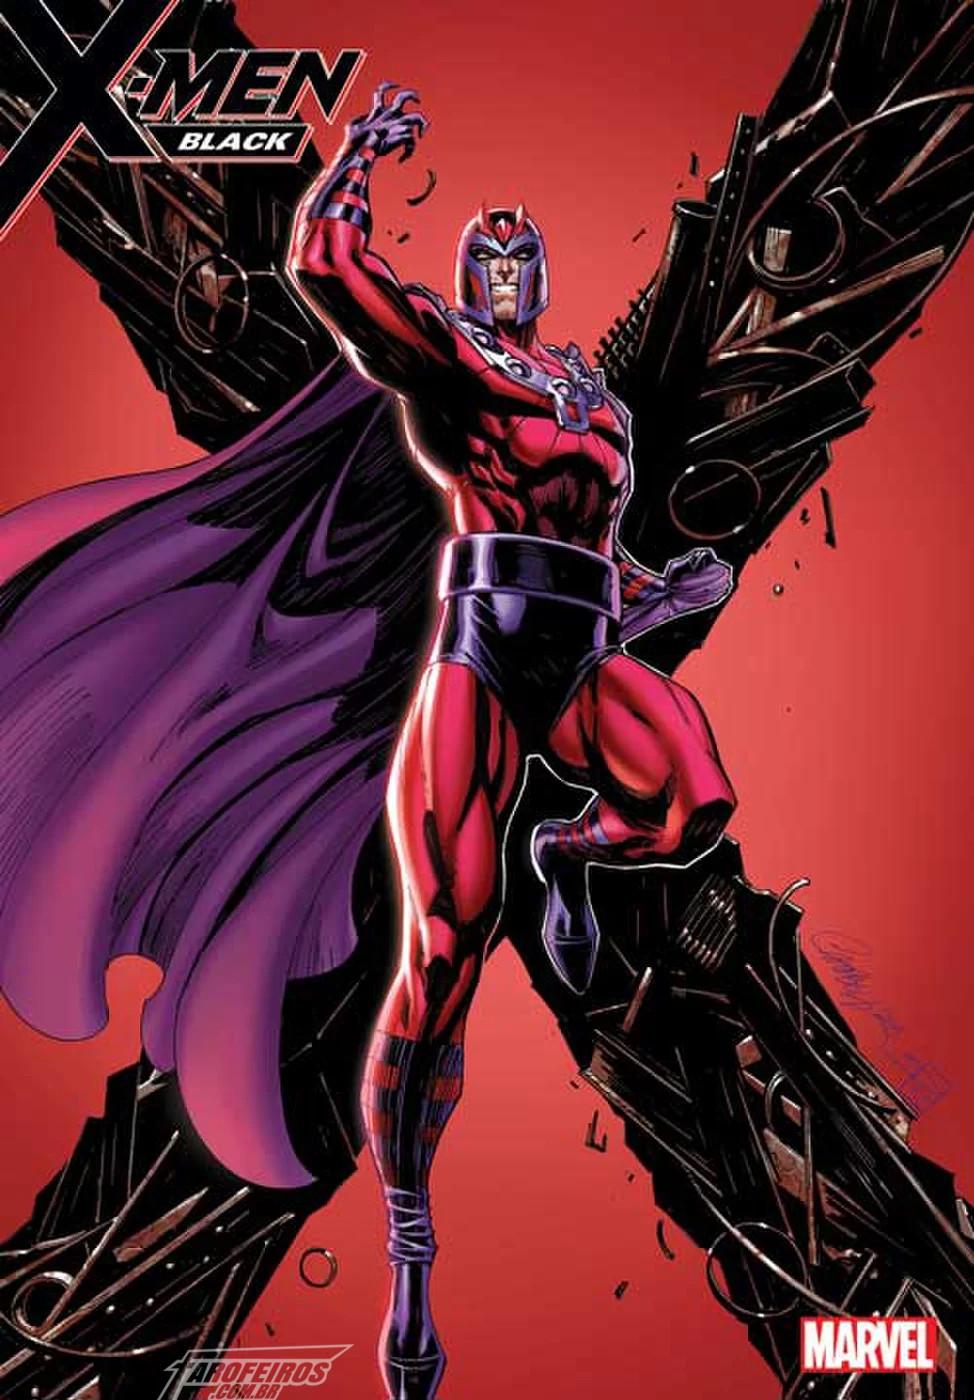 O melhor da Marvel na SDCC 2018 - X-Men Black - Magneto - J Scott Campbell